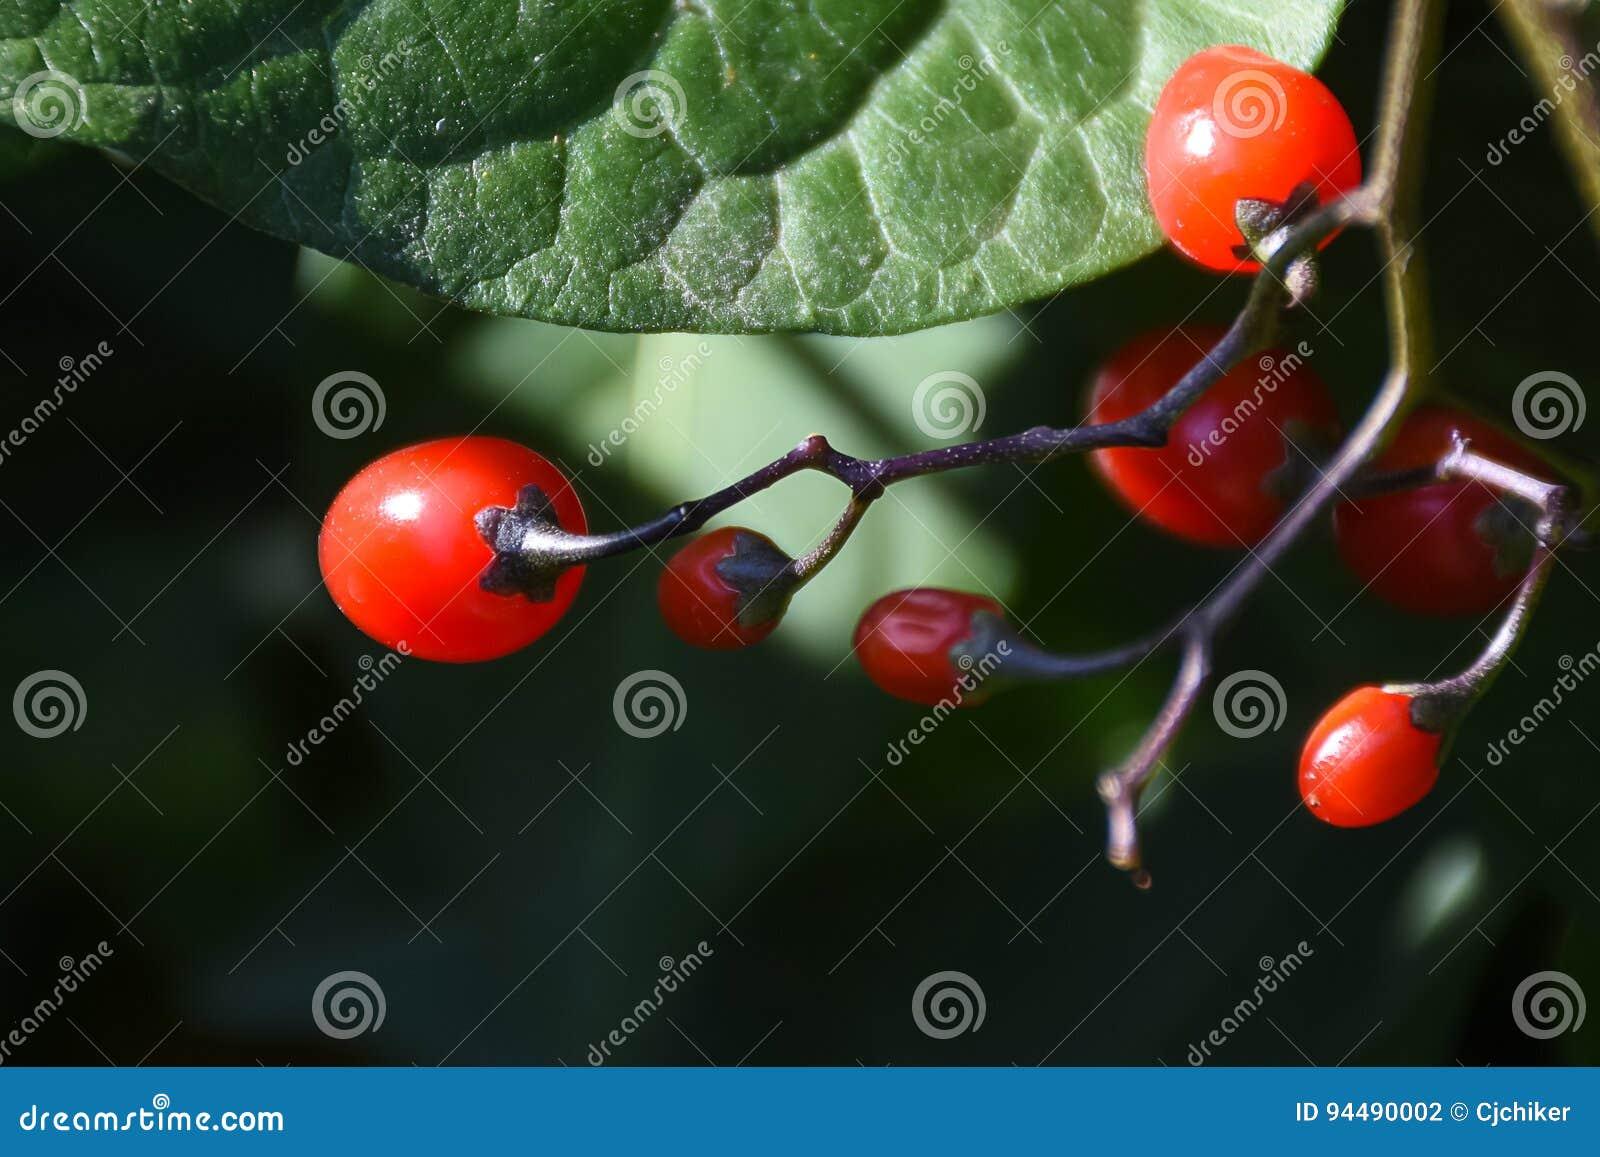 Słodkogórzkiej koraliny Solanum dulcamara jagody